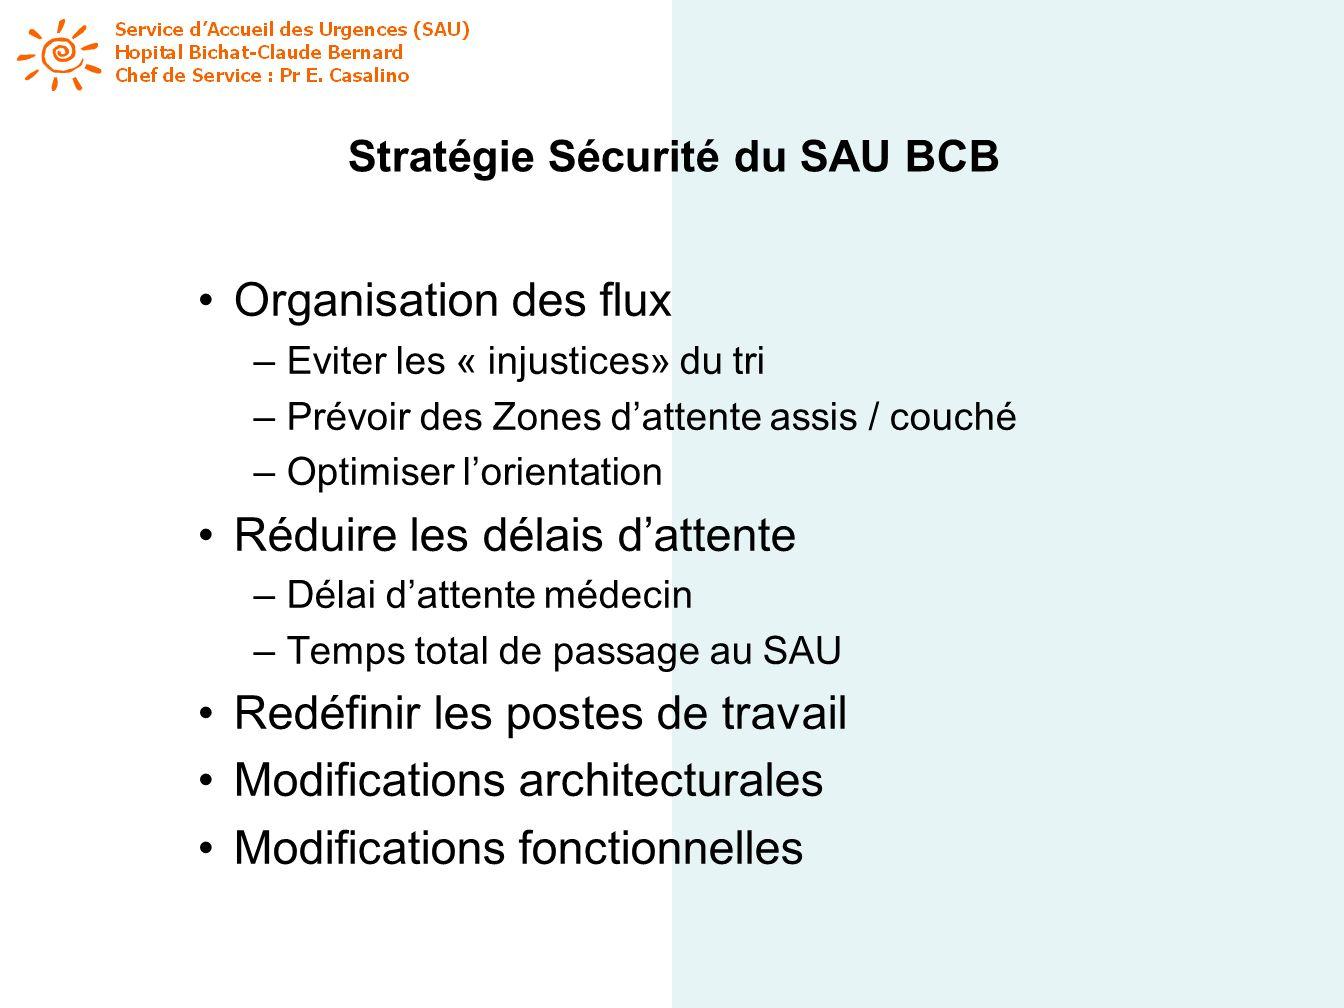 Stratégie Sécurité du SAU BCB